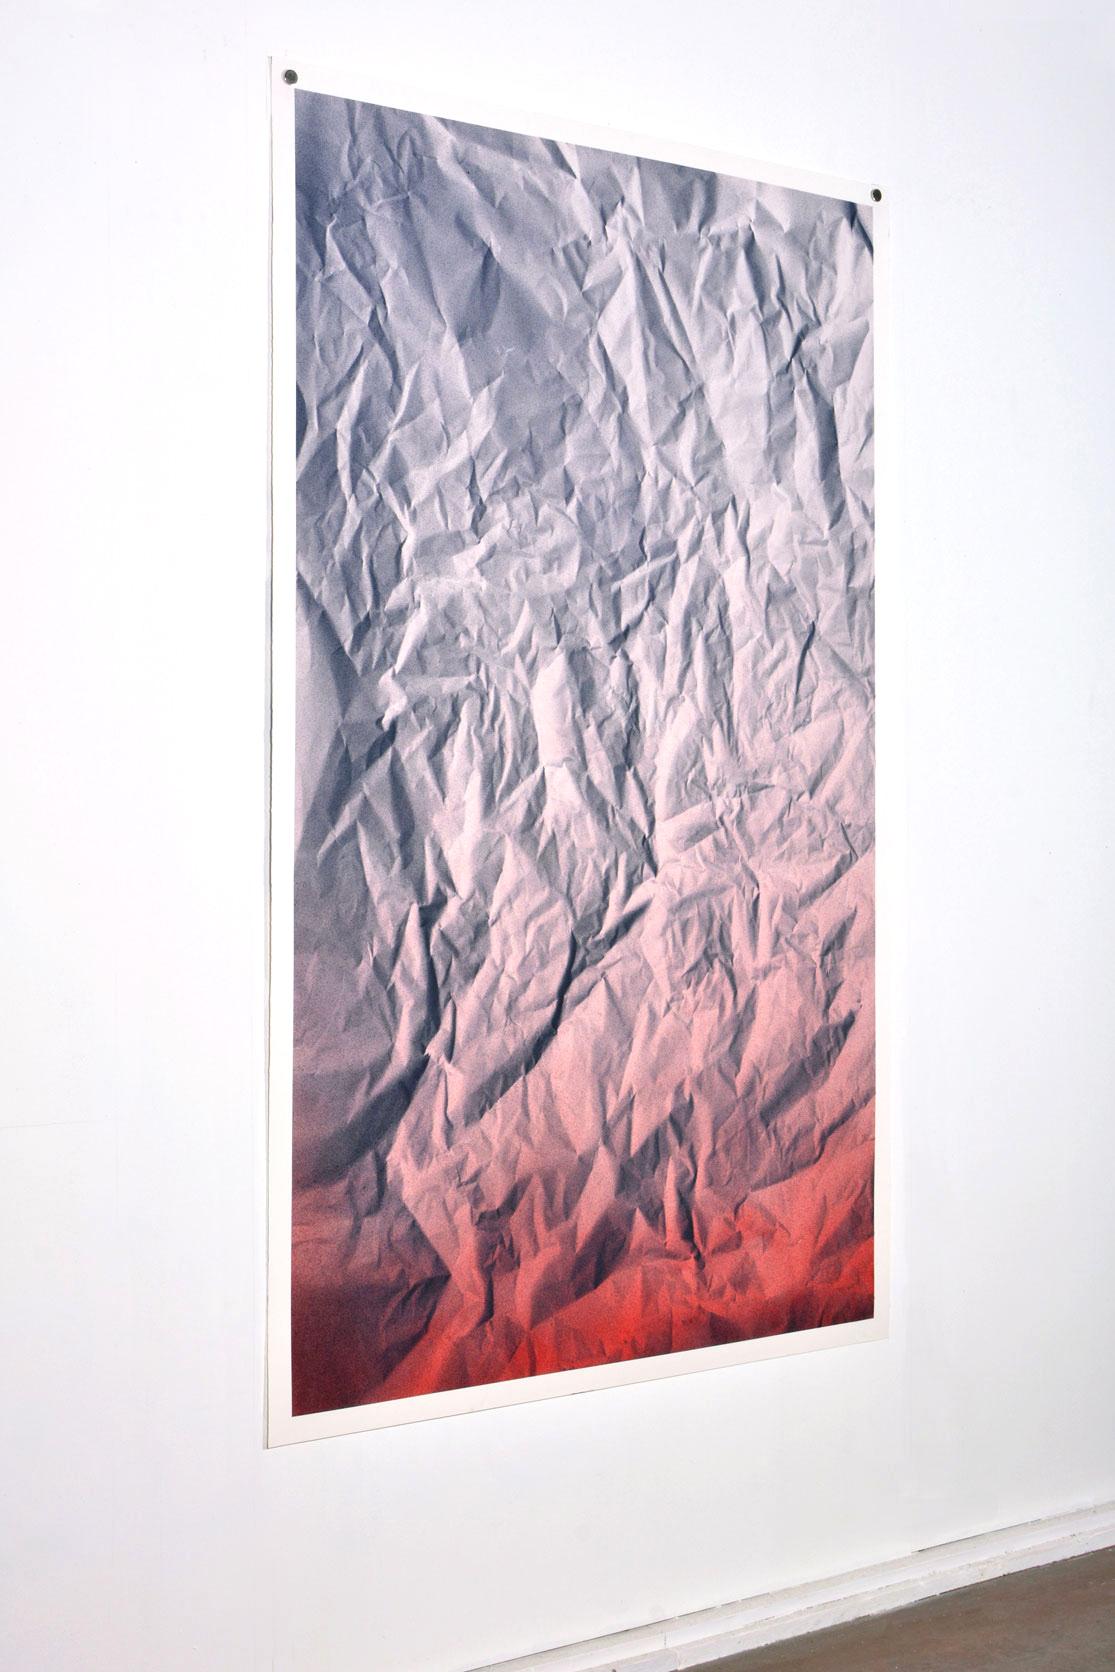 Benjamin Ottoz_ Double V Gallery_(7) Serendipity PF BR R 2.15 Peinture acrylique, 5 papiers Arches 185gm², 115 X180 cm, 2017. Collection particulière Anvers..jpg